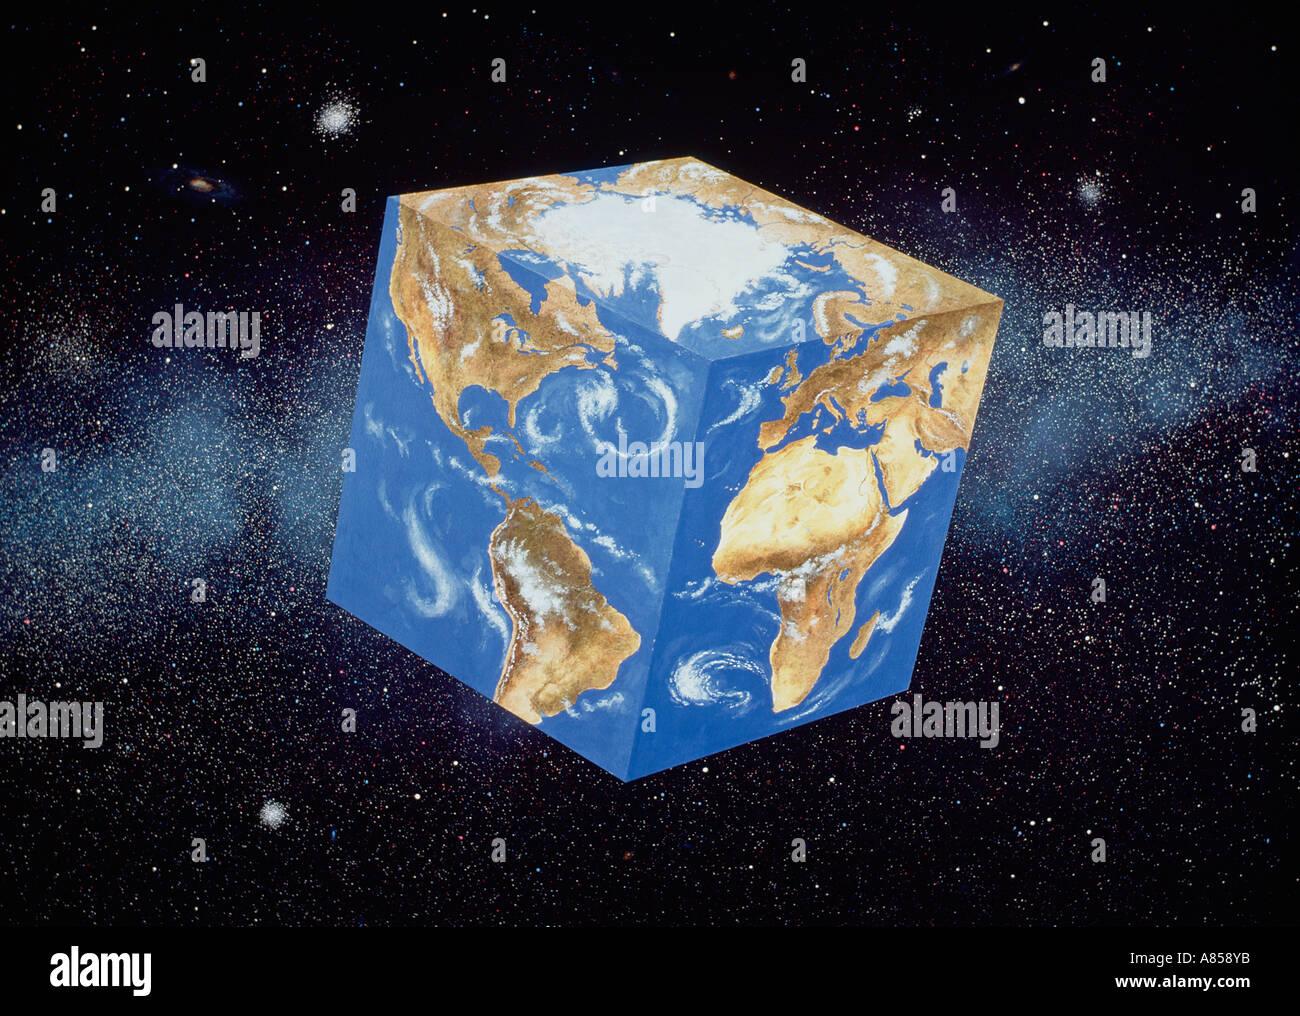 Strano concetto di immagine cubica del pianeta Terra dallo spazio Immagini Stock